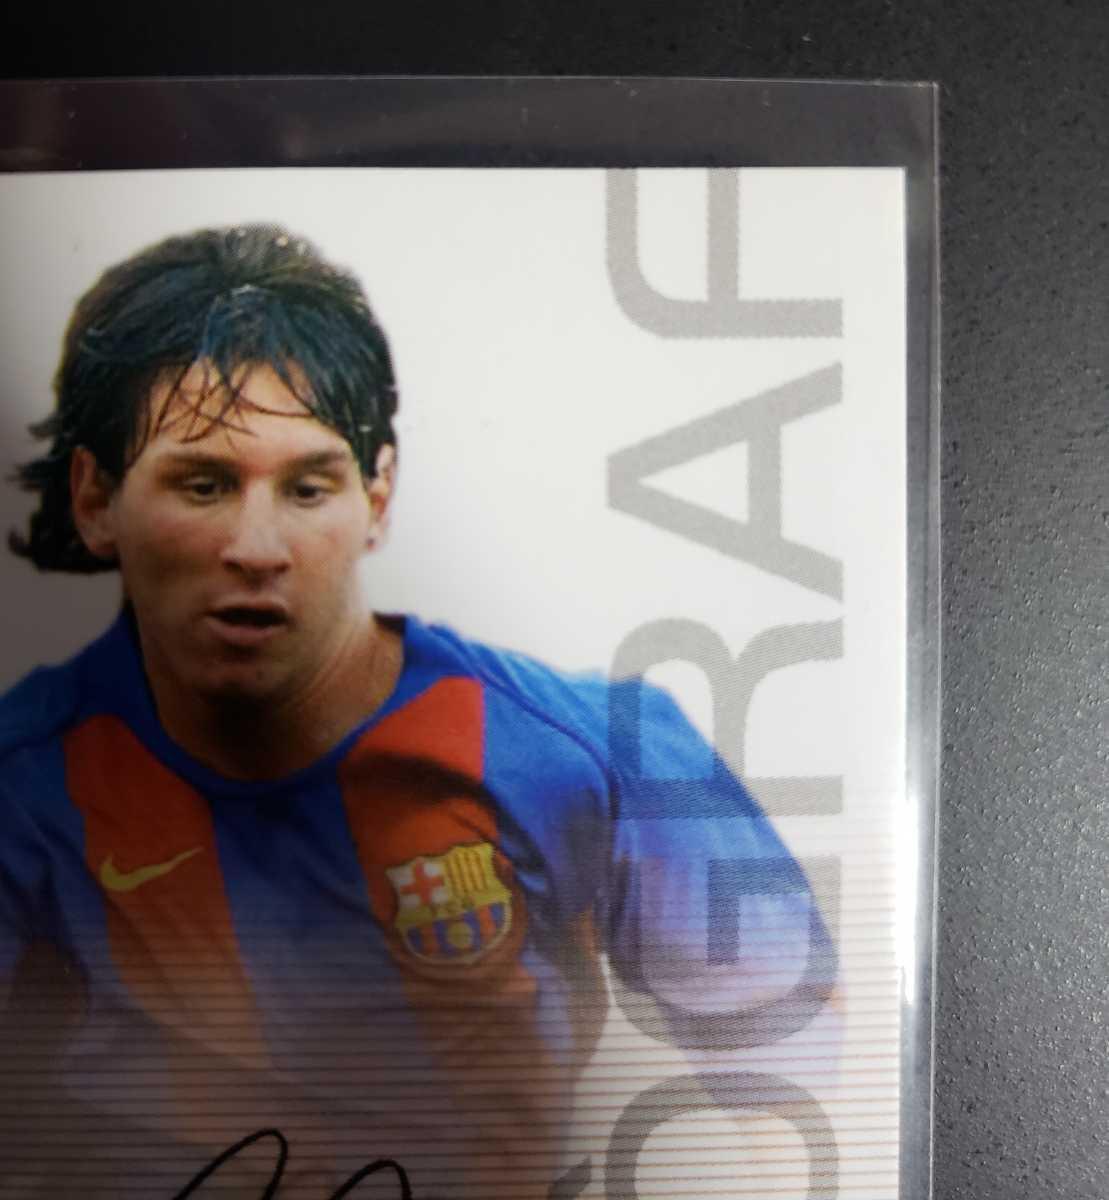 高騰中【Rookie Card】メッシ プリントサイン Panini 2005 Barca Lionel Messi 2004-2005バルセロナ 優勝記念 アルゼンチン_画像2